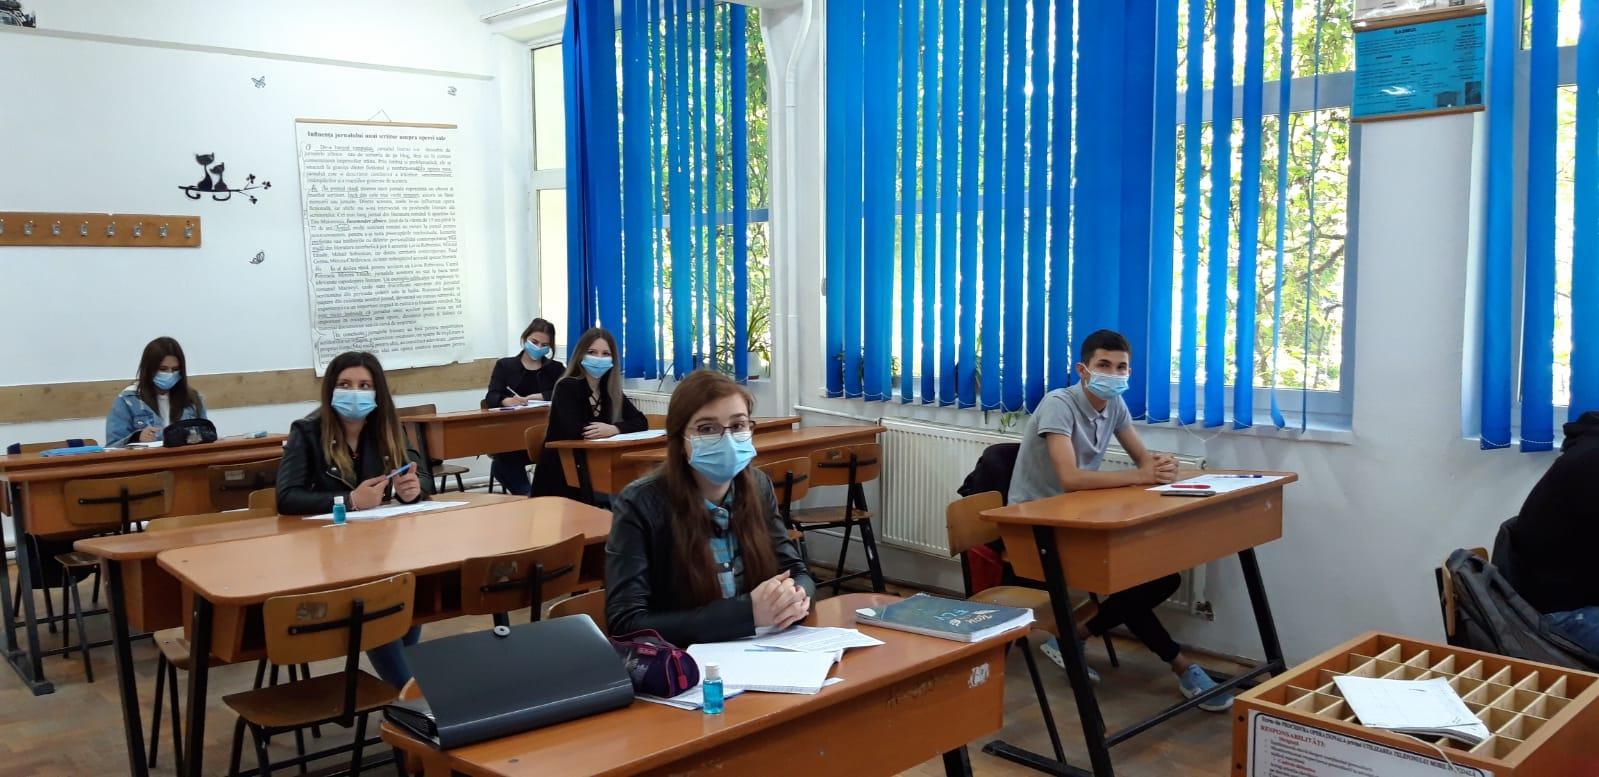 UNICEF a distribuit măști de protecție, dezinfectant și materiale de informare în școlile băcăuane